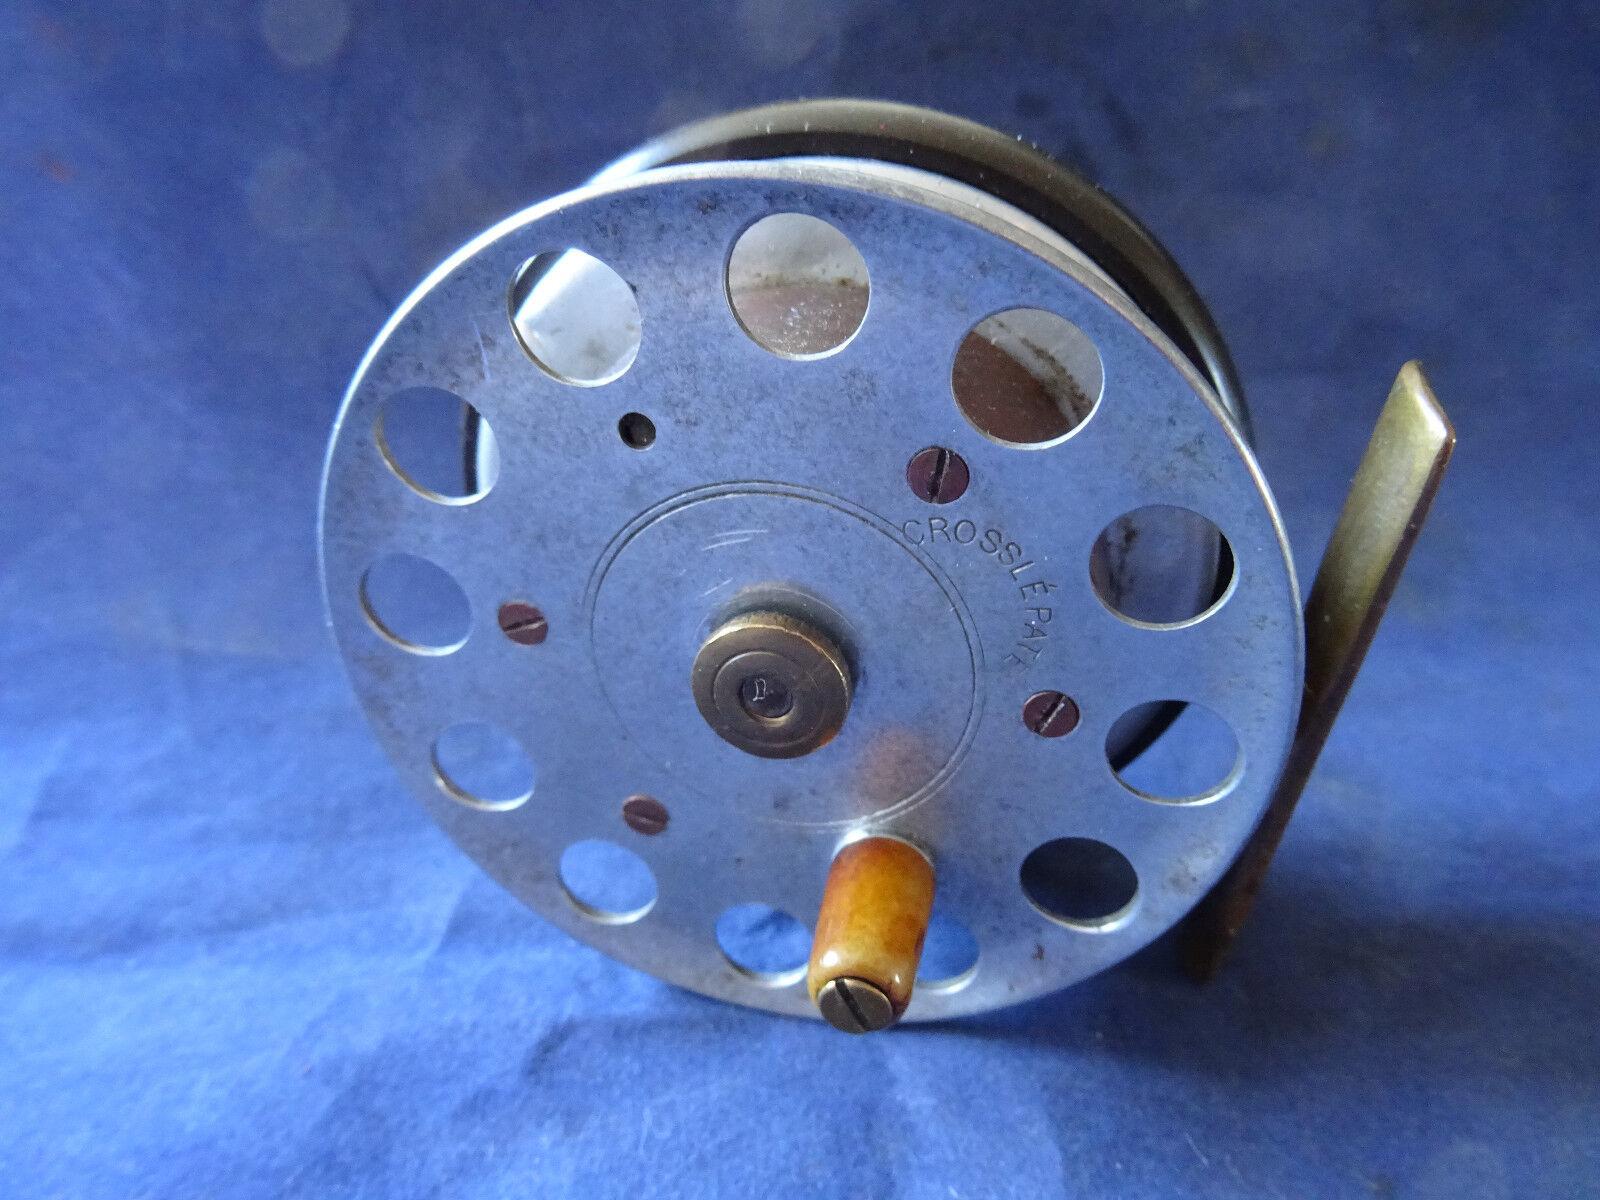 Una rara Vintage Milward Bartleet 3  crossle crossle crossle patente Reel De Pesca 79fb63